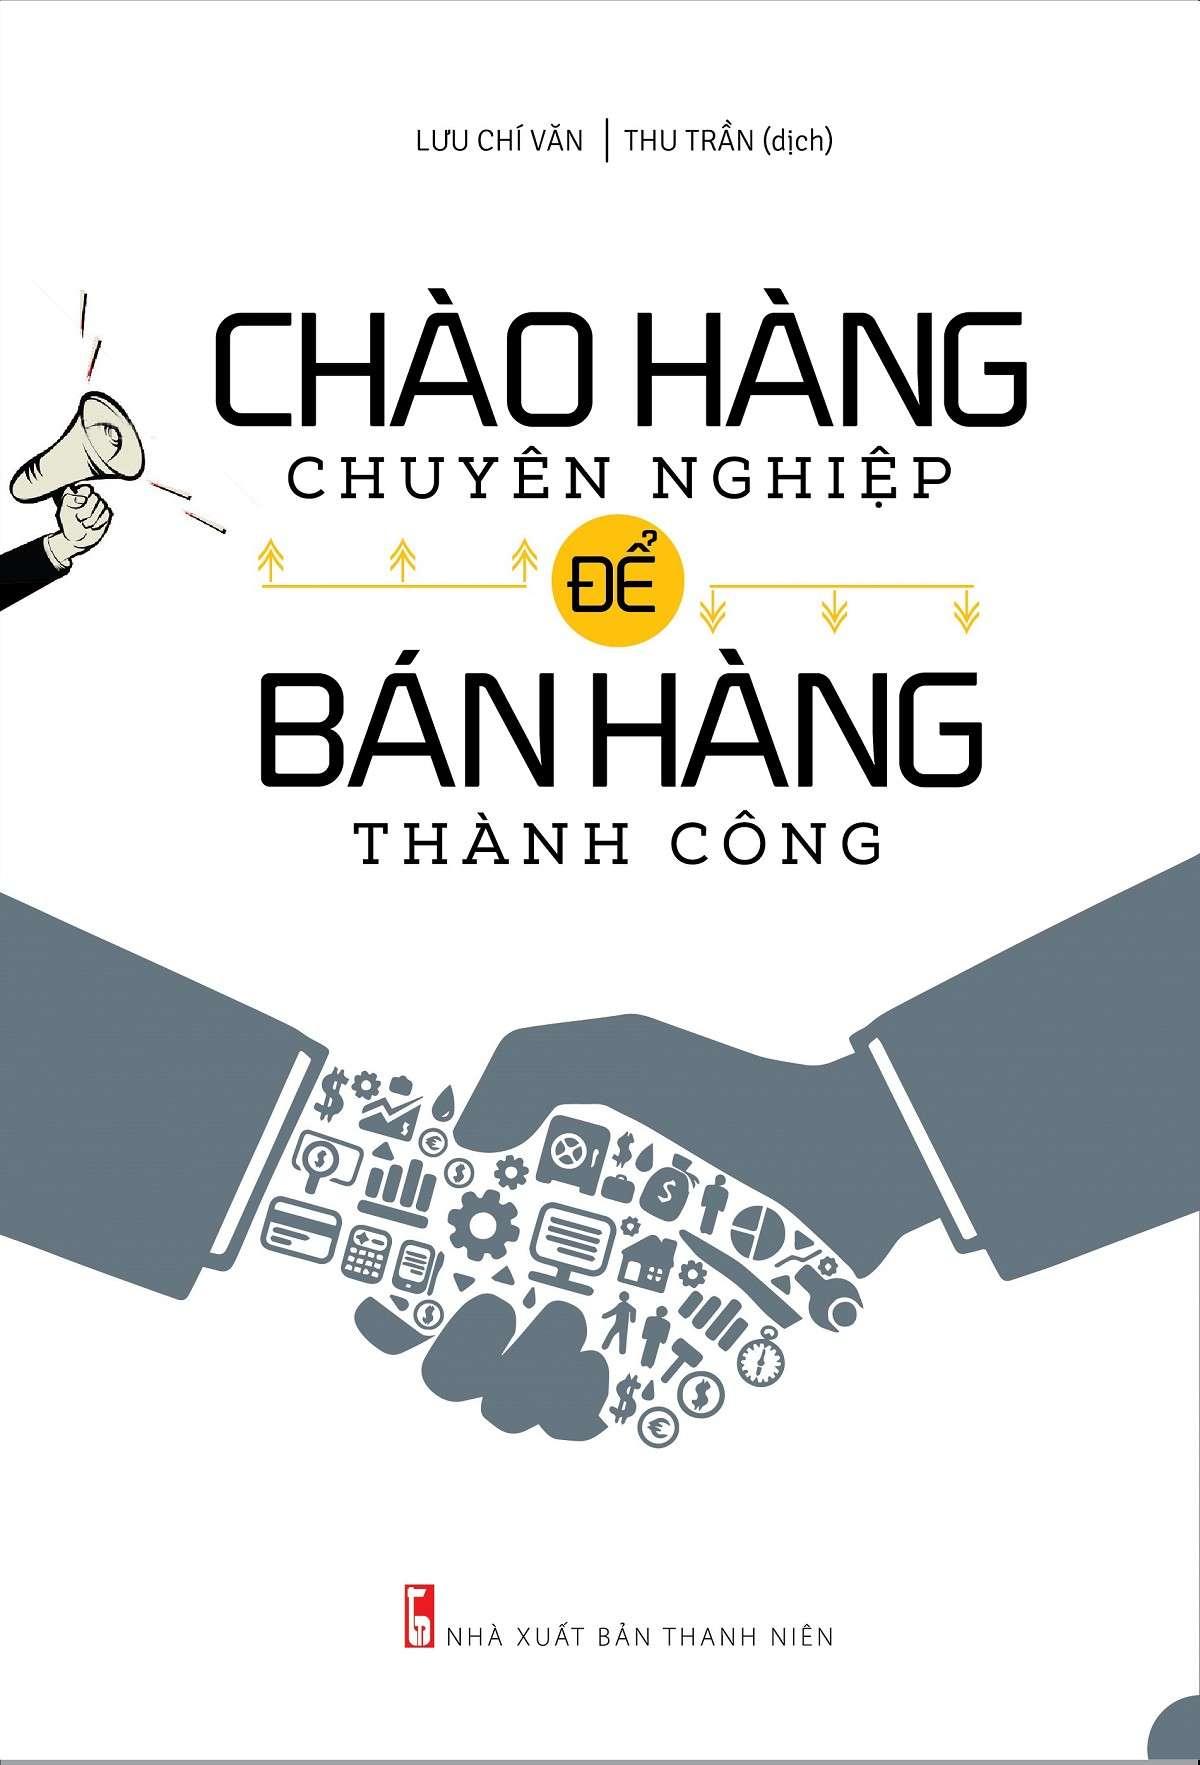 sach-day-ban-hang-chao-hang-chuyen-nghiep-de-ban-hang-thanh-cong